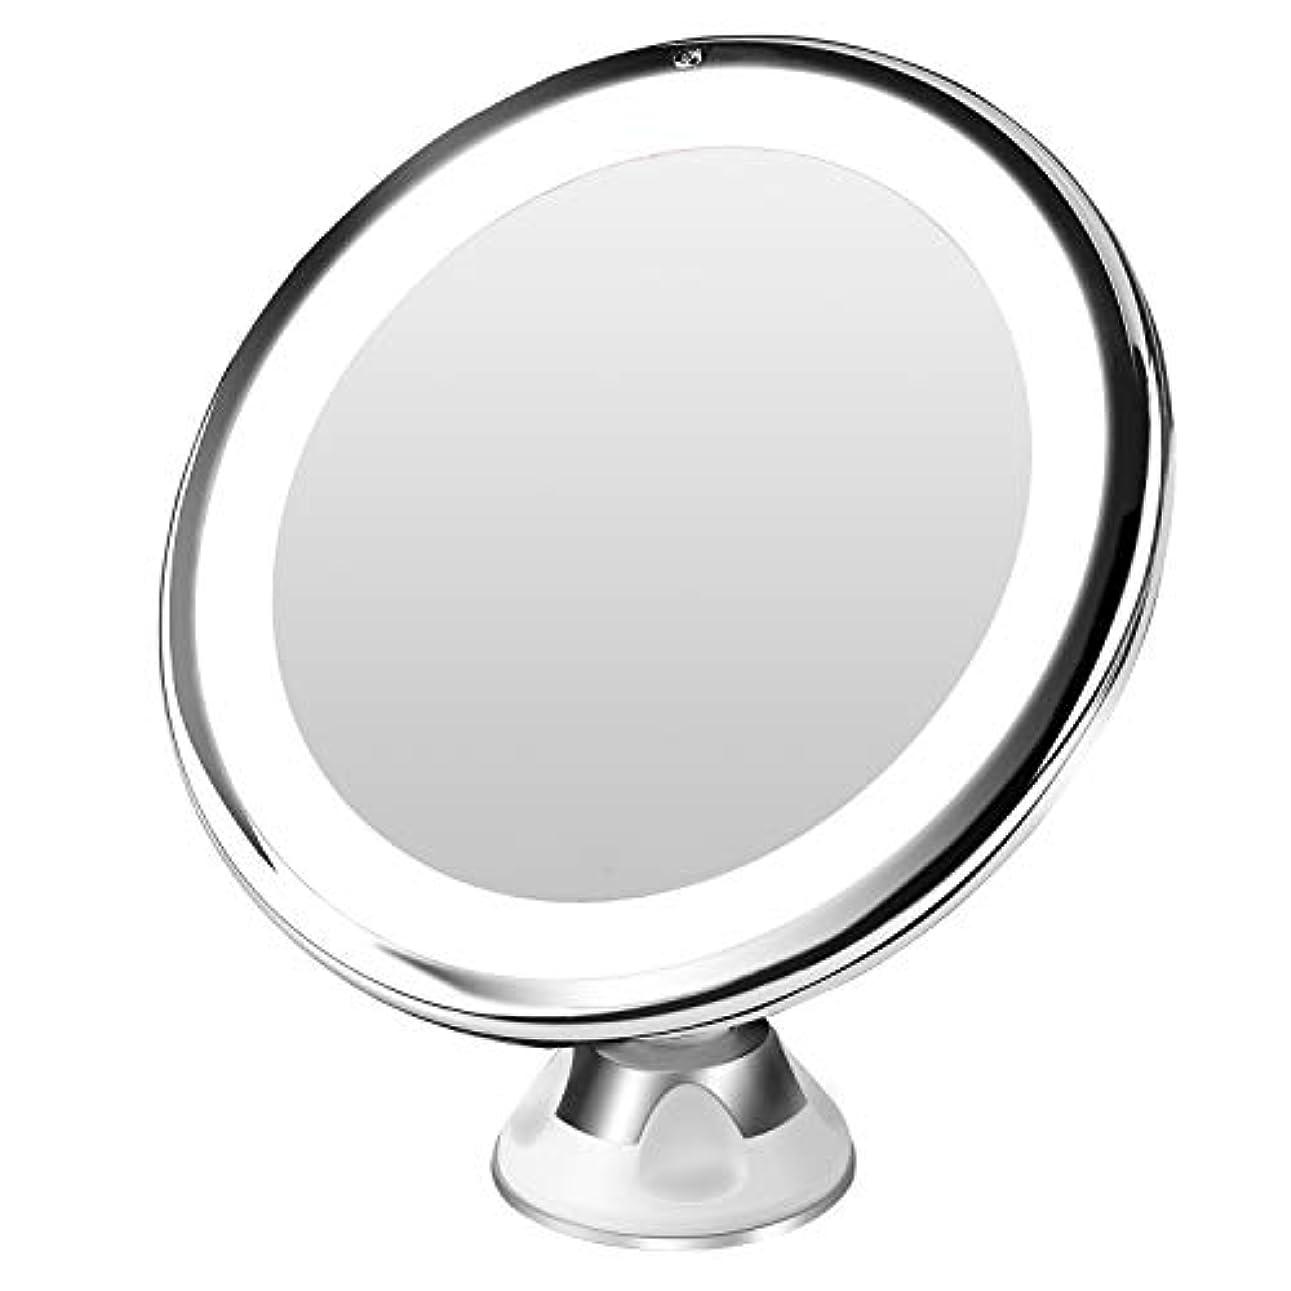 報酬のメイトバウンスBESTOPE 10倍拡大鏡 LED化粧鏡 浴室鏡 卓上鏡 曇らないミラー 吸盤ロック付きLEDミラー 壁掛けメイクミラー 360度回転スタンドミラー 単四電池&USB給電(改良版)